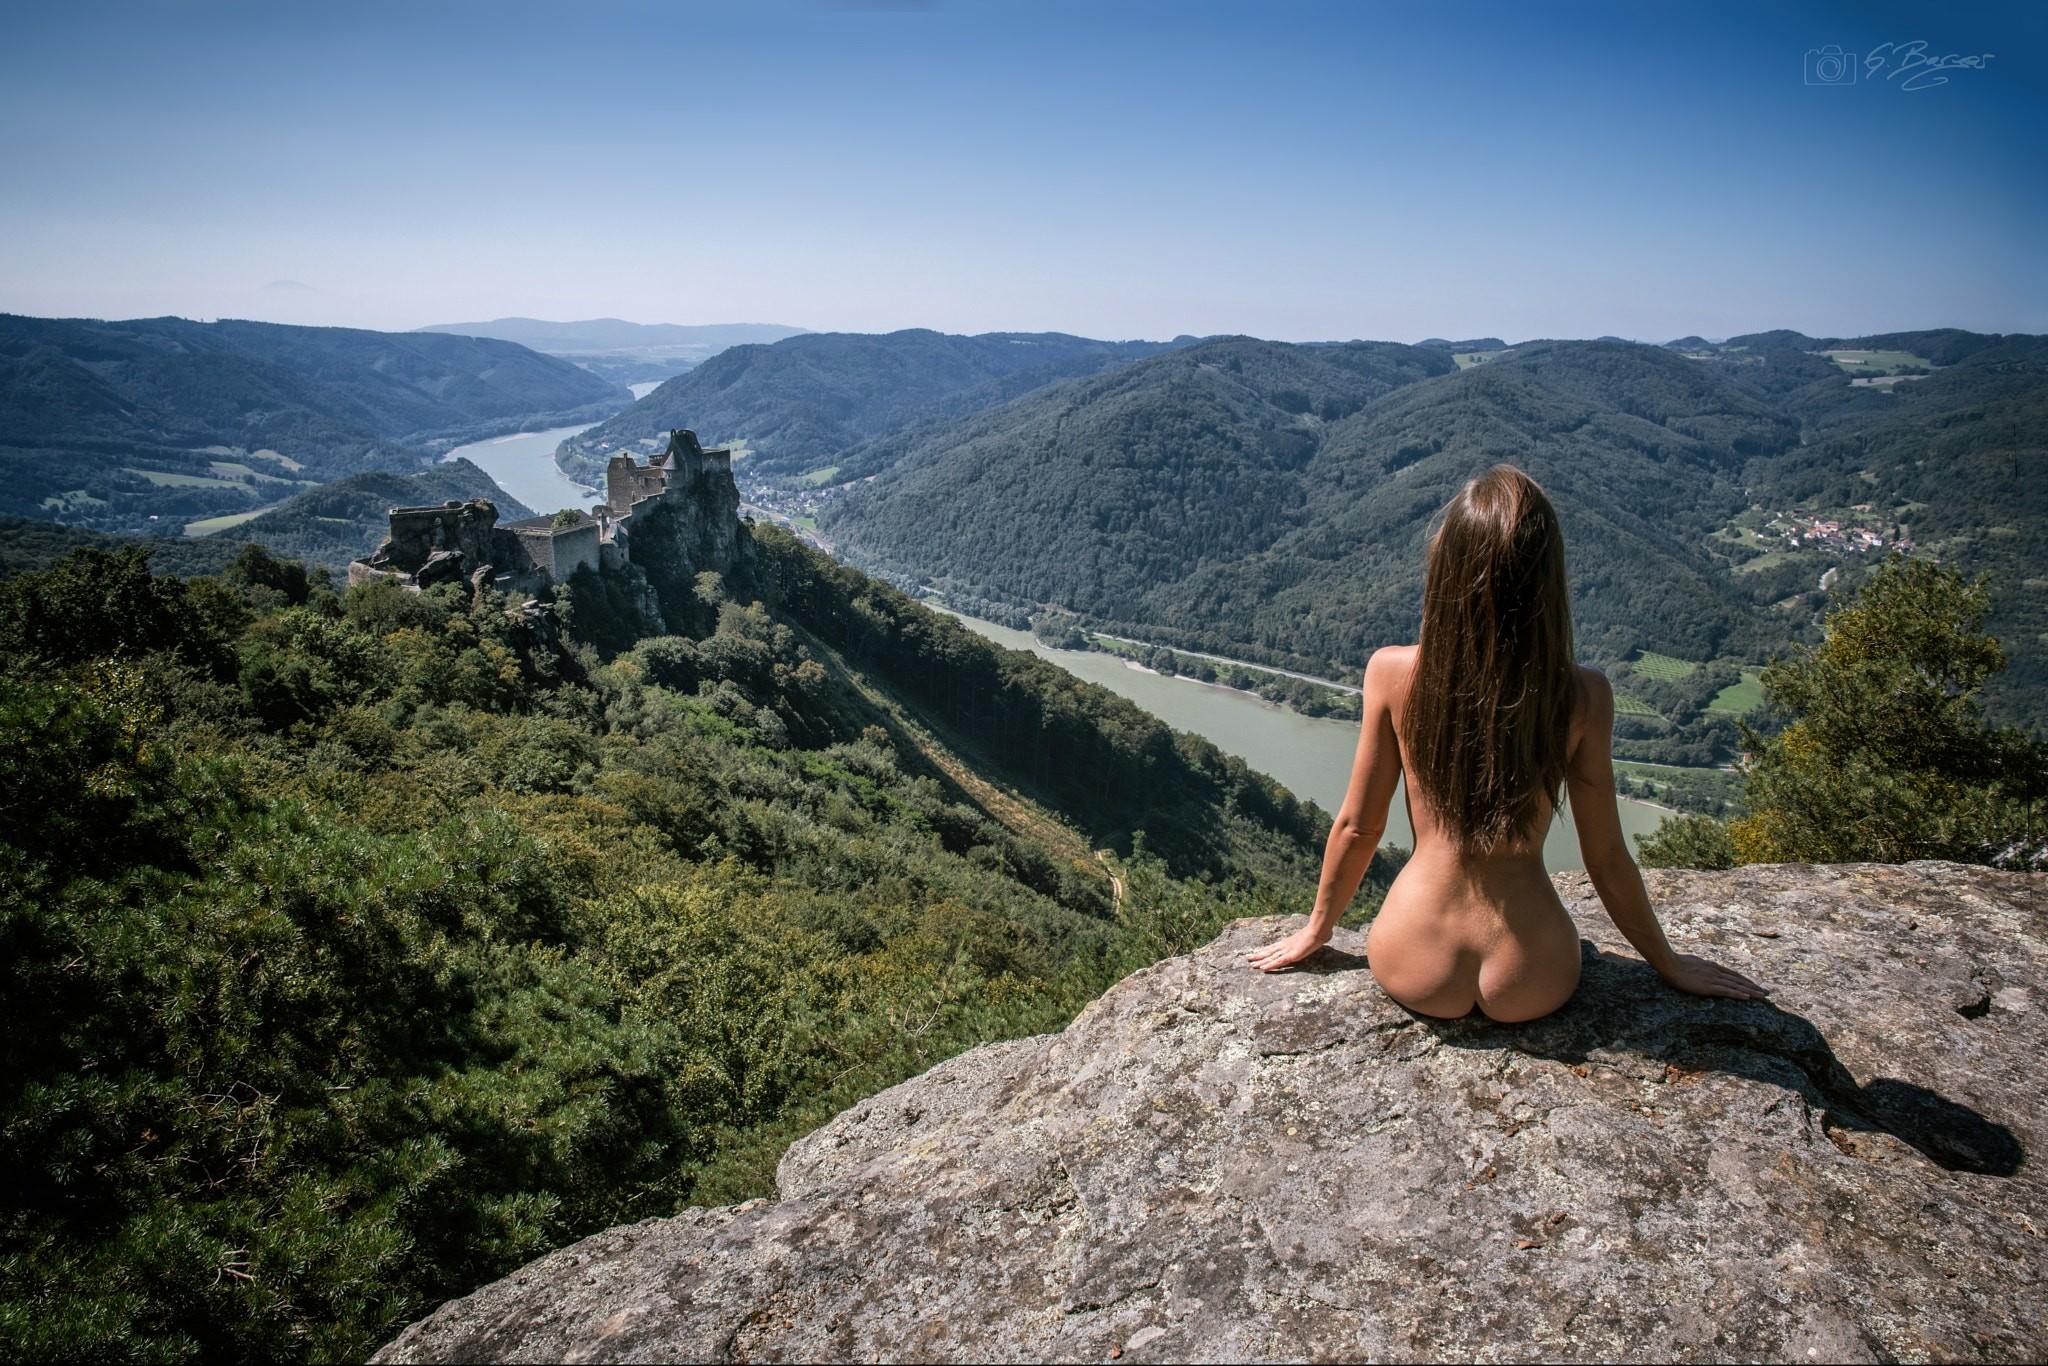 Fucking nude women mountain